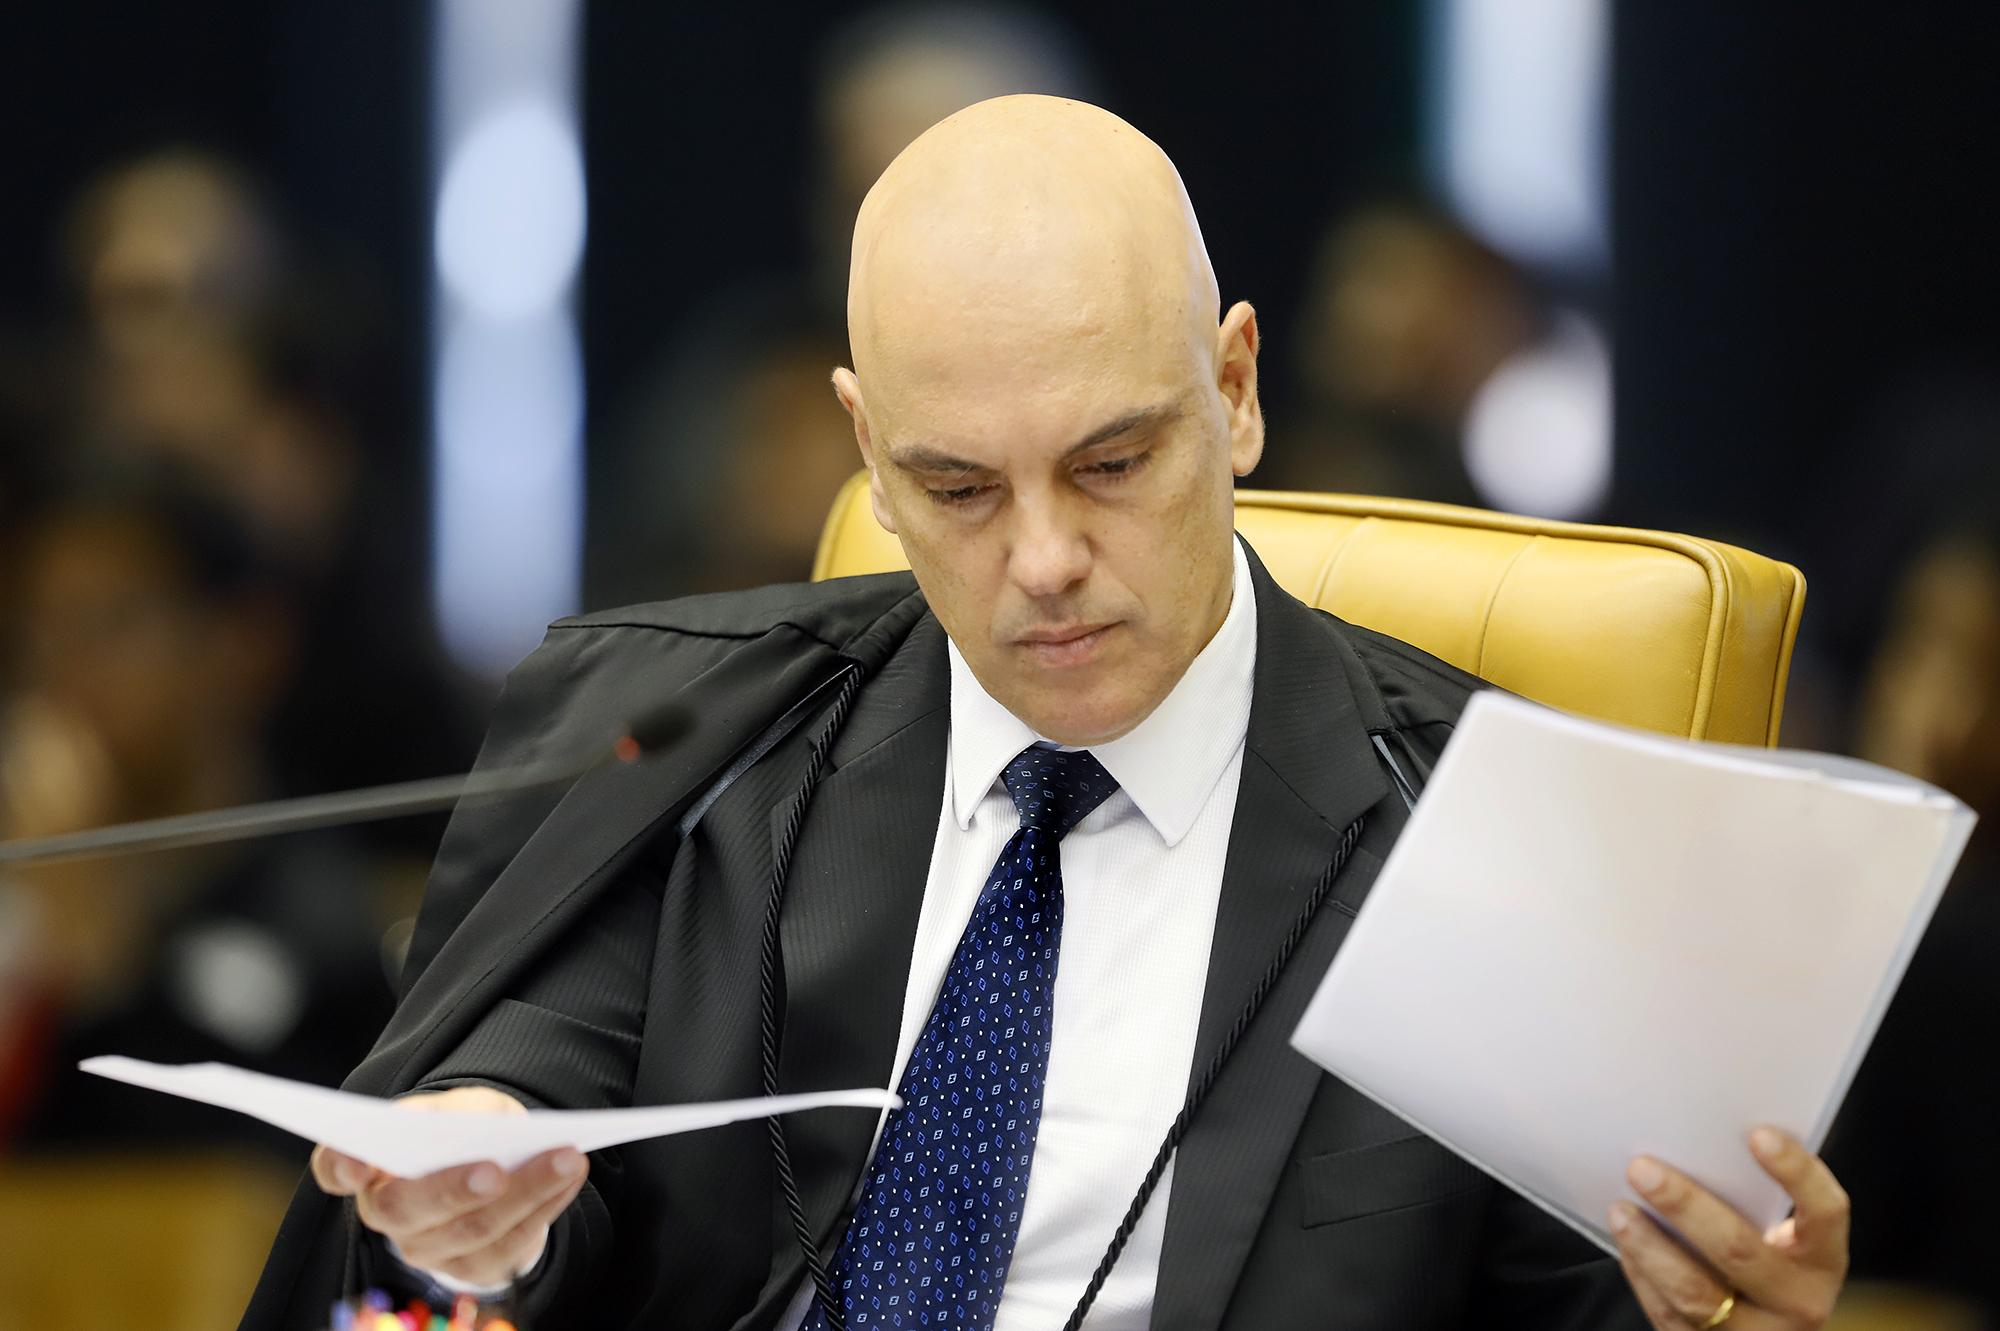 O ministro Alexandre de Moraes, do Supremo Tribunal Federal